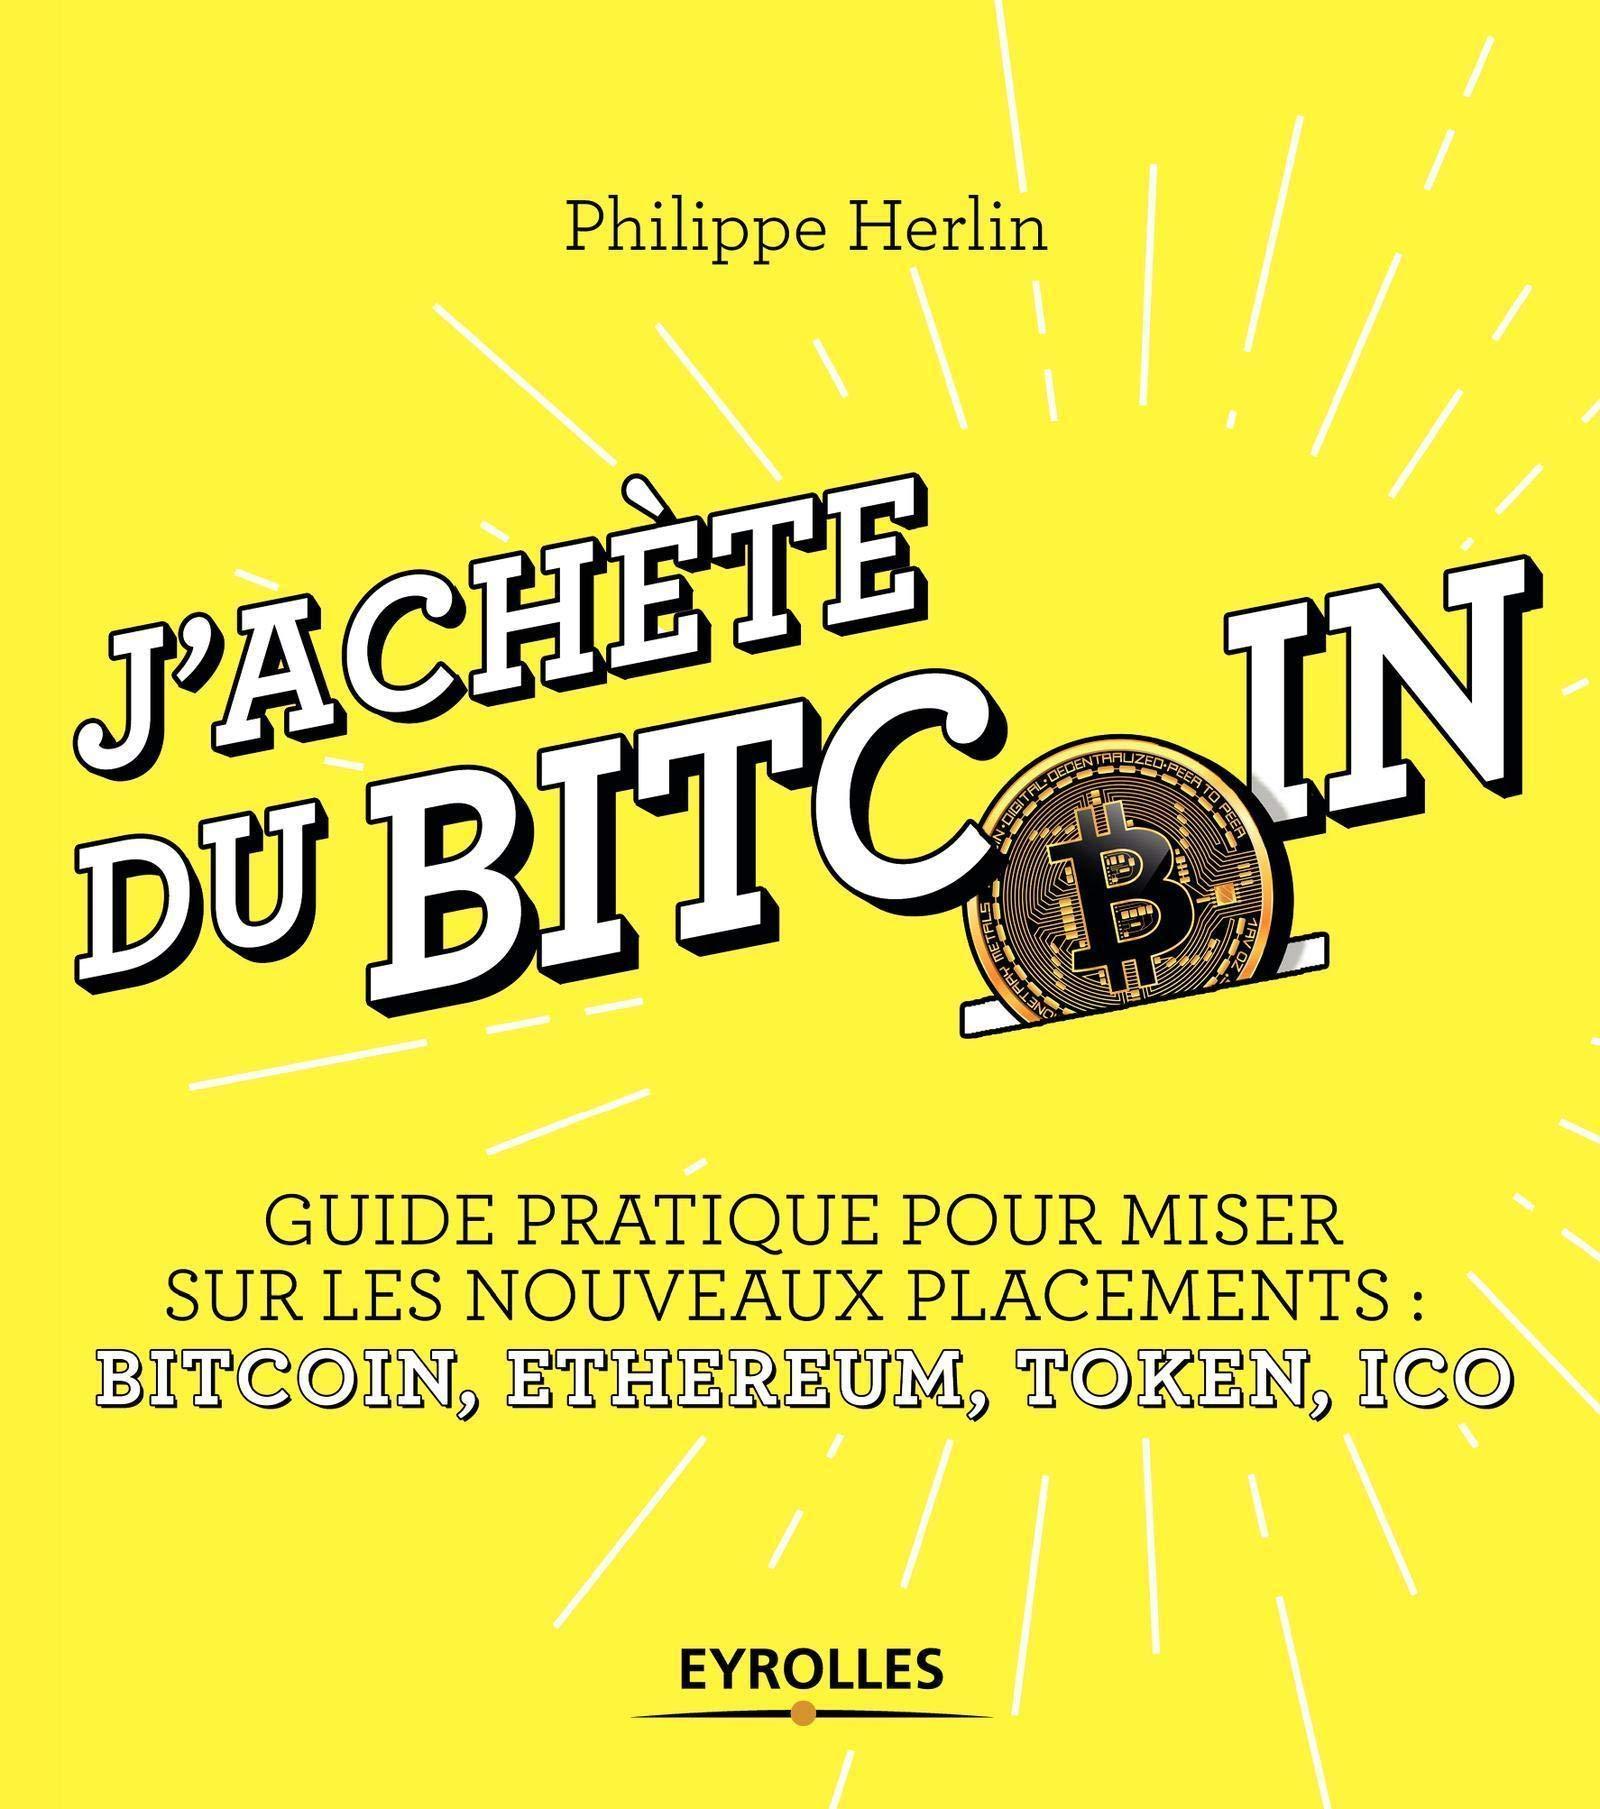 bitcoin pachete trading bitcoin folosind monede ph